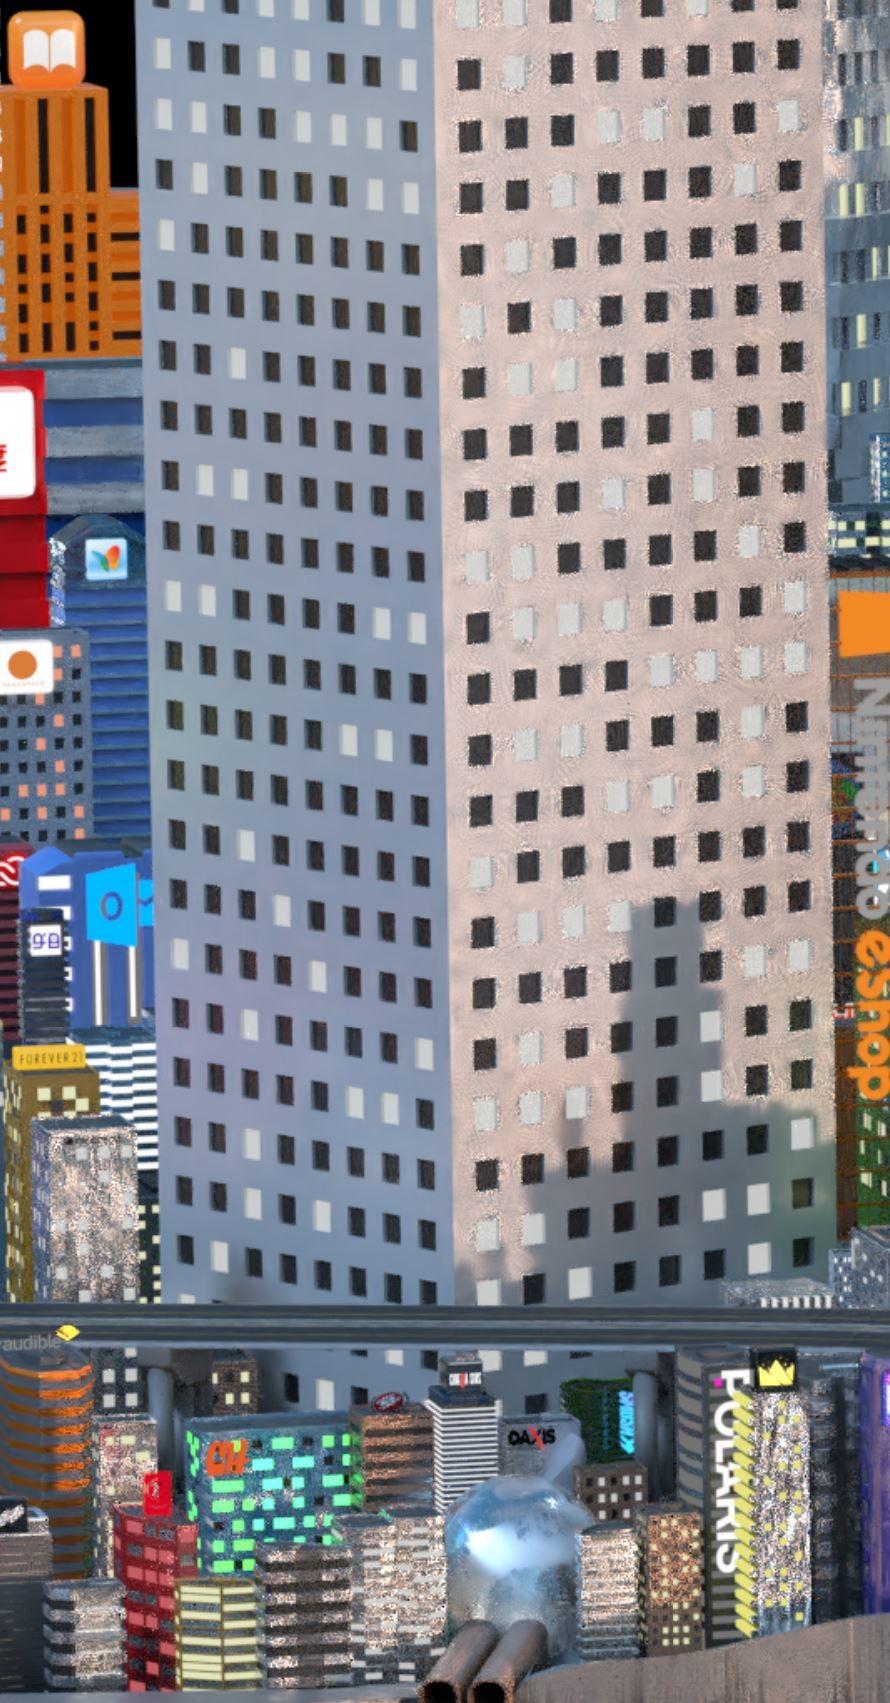 ArtStation - Revenue City, Brian Moffatt